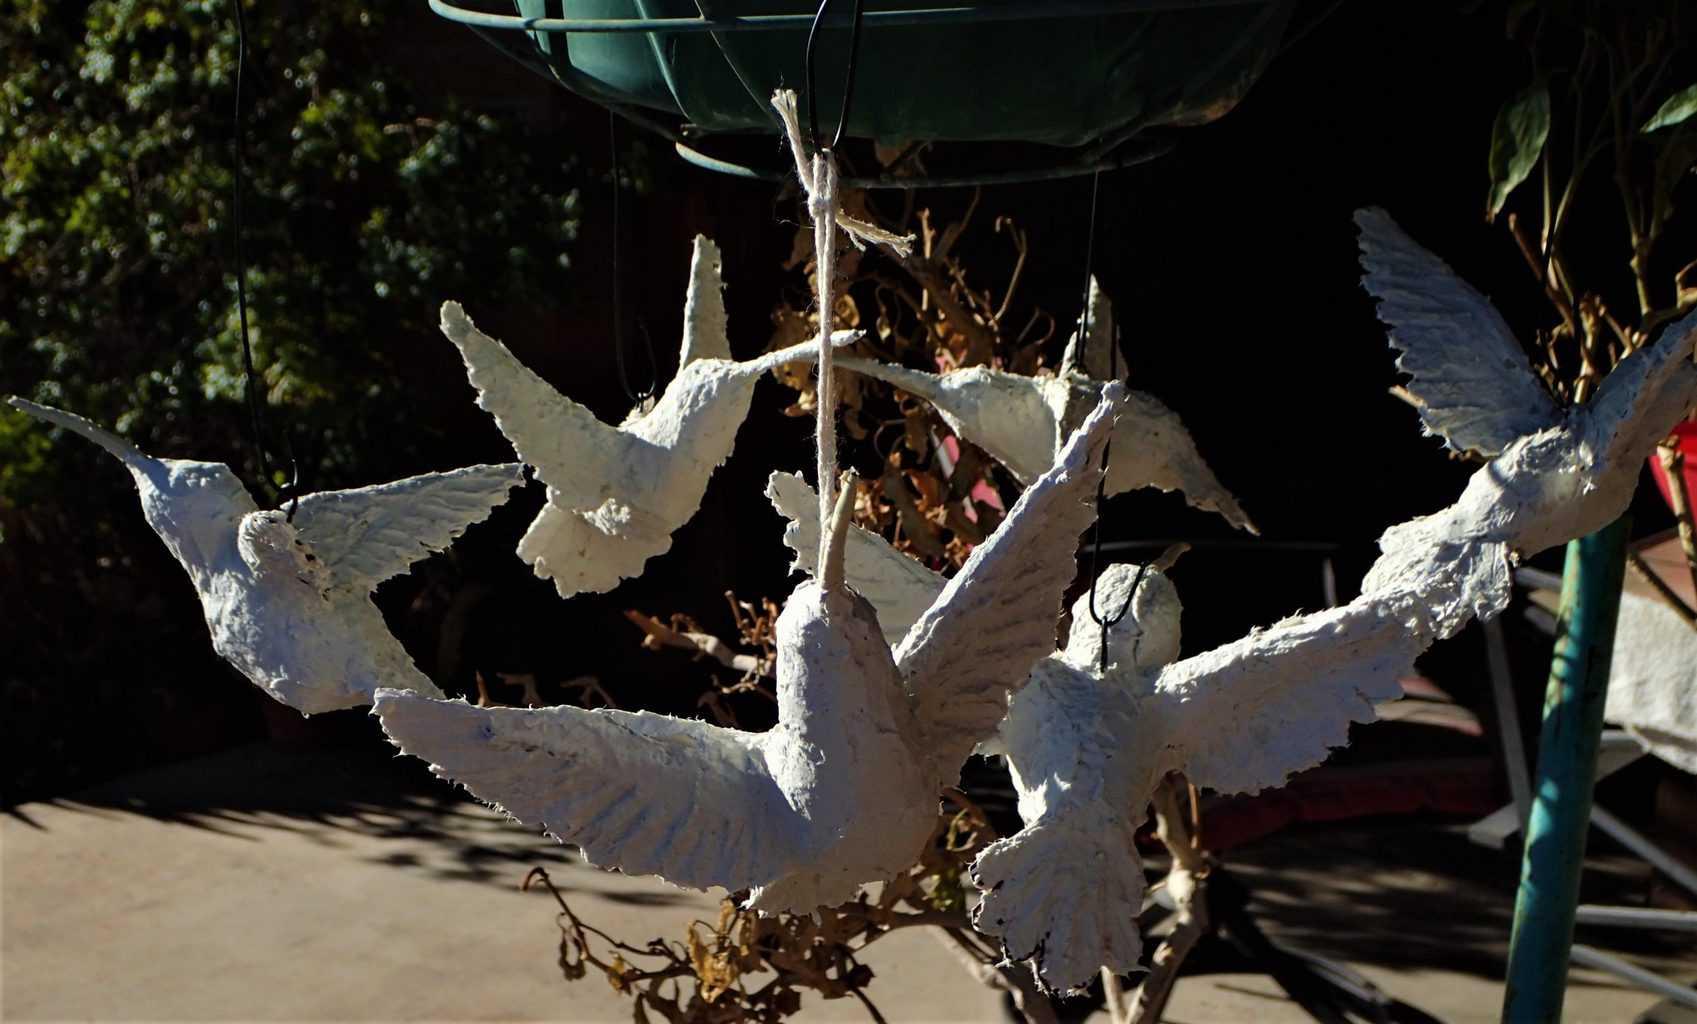 Hummingbird ornaments